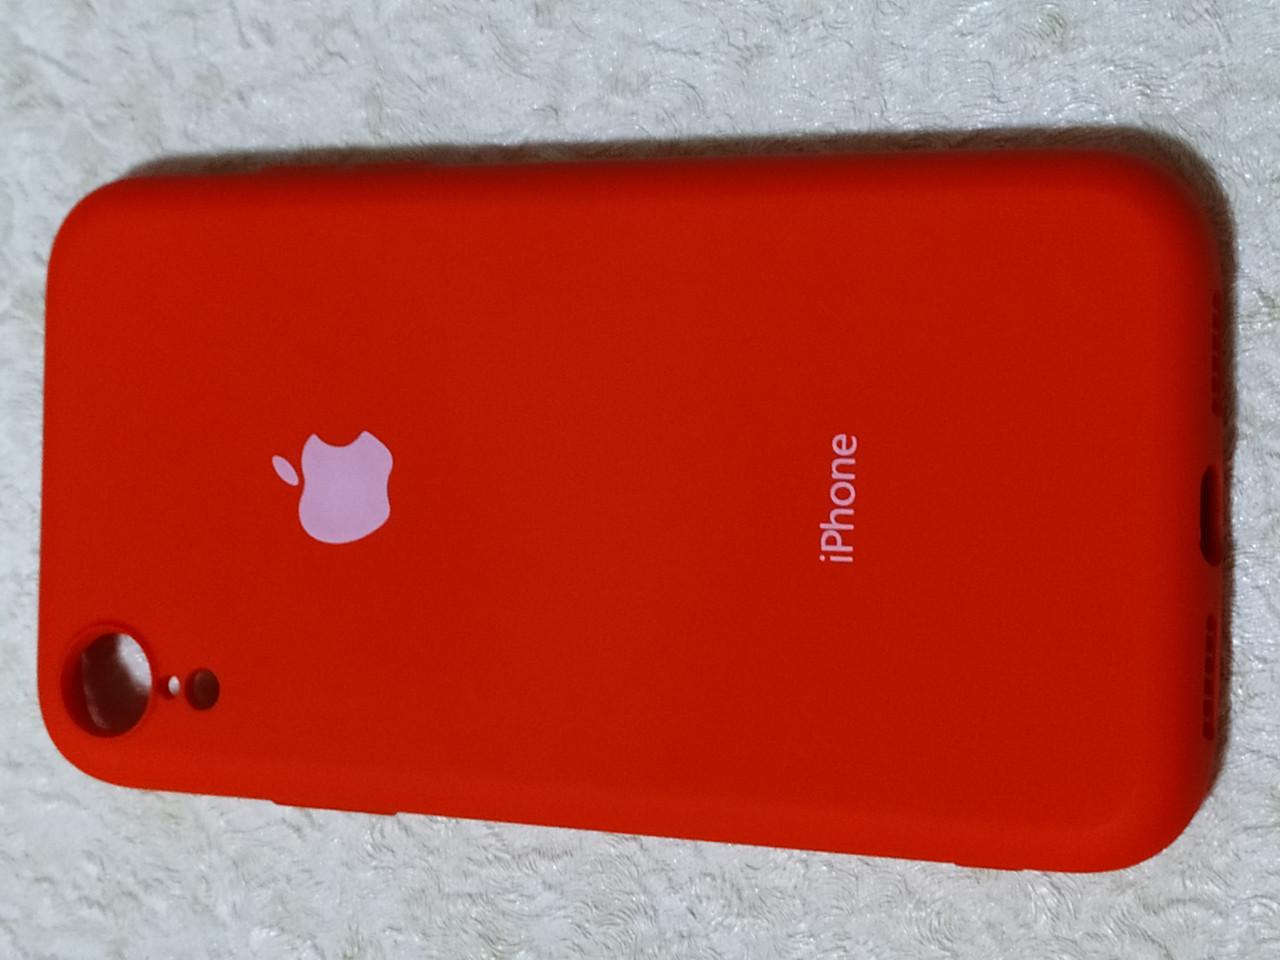 Накладка   Silicon Cover full   для  iPhone XR 6.1   (красный) Copy